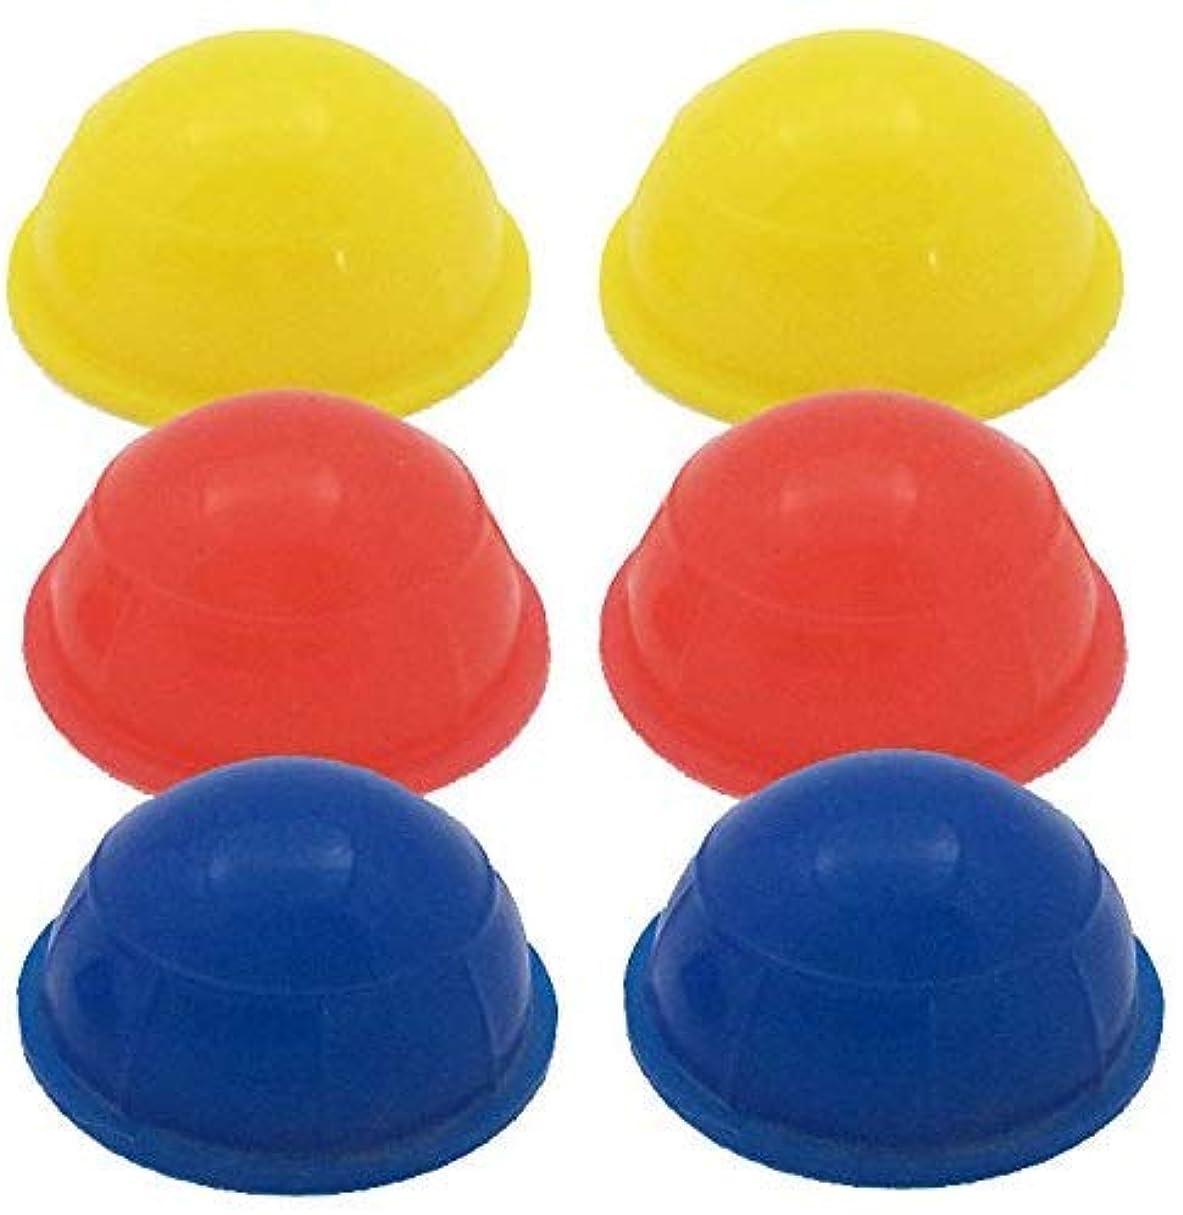 どれチョップチョップミニ簡易シリコン製吸い玉カップ 6個セット